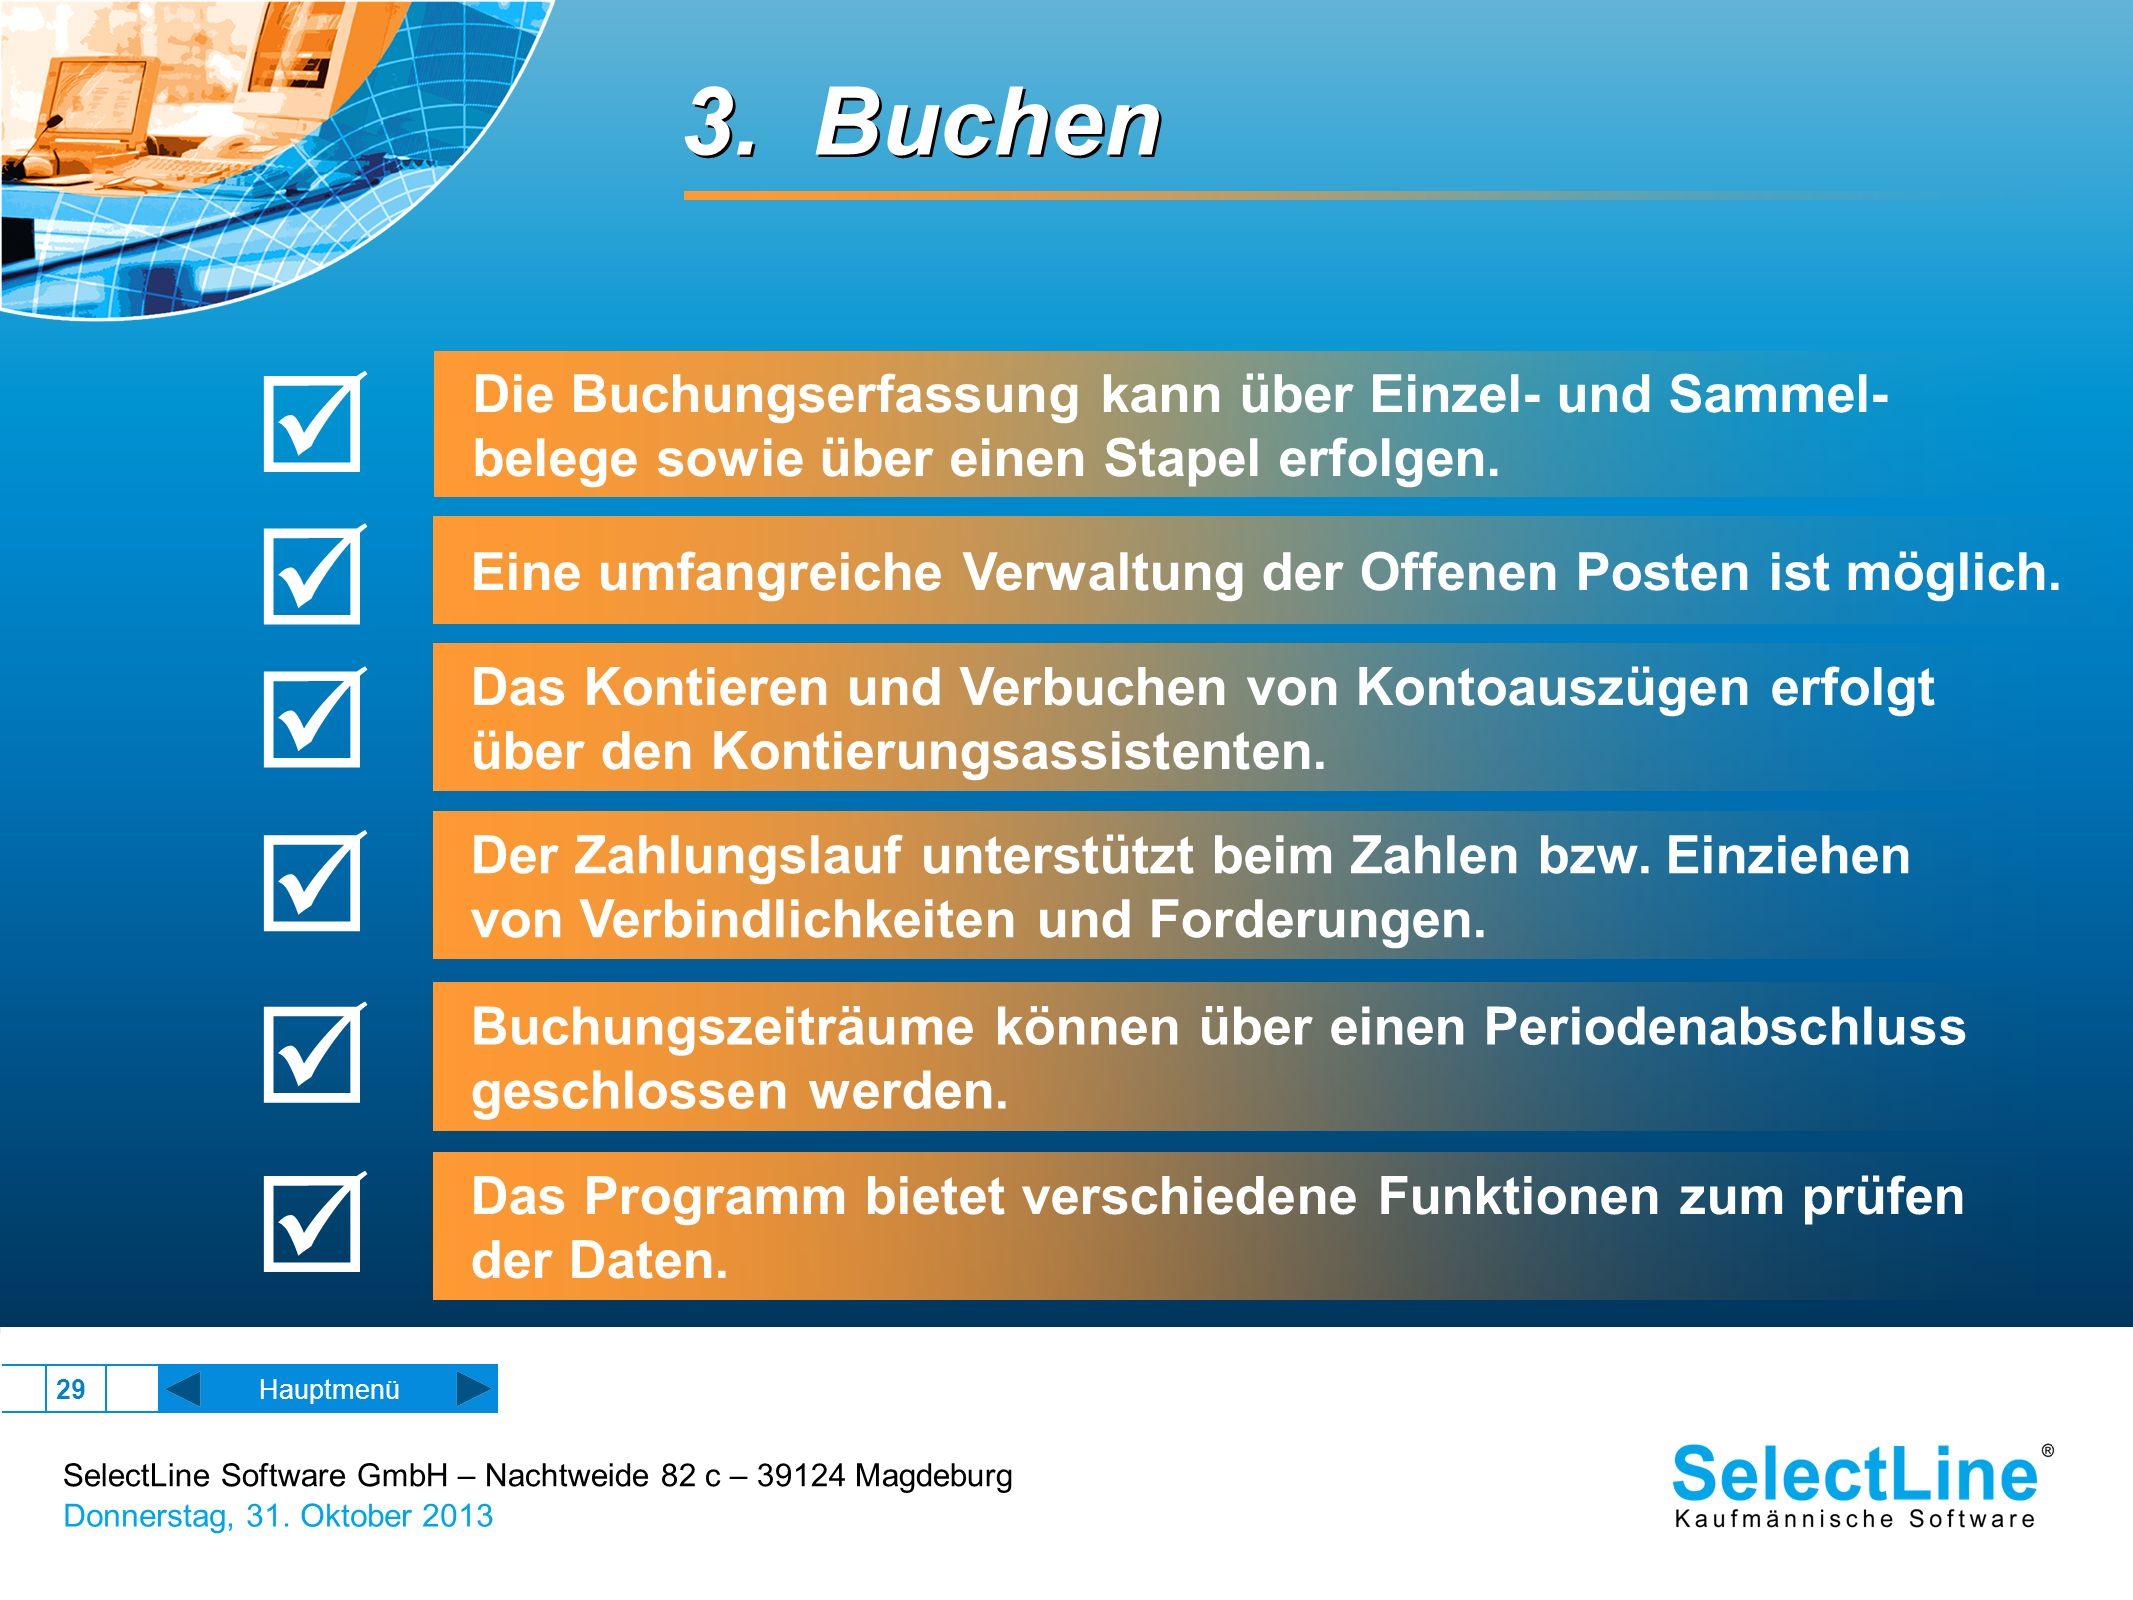 SelectLine Software GmbH – Nachtweide 82 c – 39124 Magdeburg Donnerstag, 31. Oktober 2013 29 Hauptmenü 3. Buchen Die Buchungserfassung kann über Einze